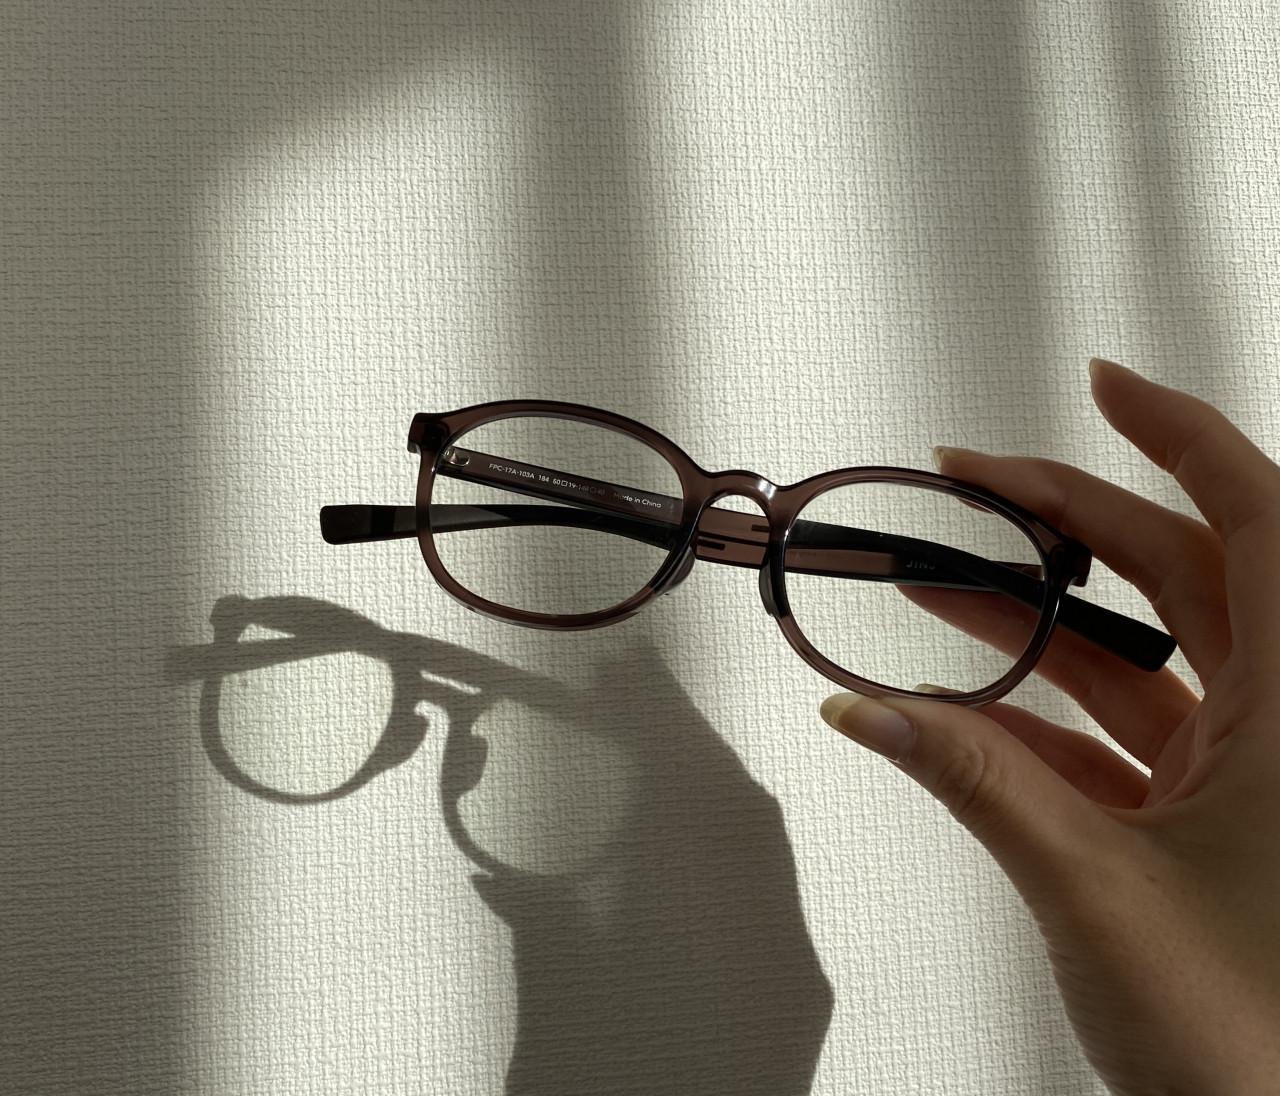 疲れ&黄ばみ防止効果も!?ブルーライトカットメガネを3年続けた結果